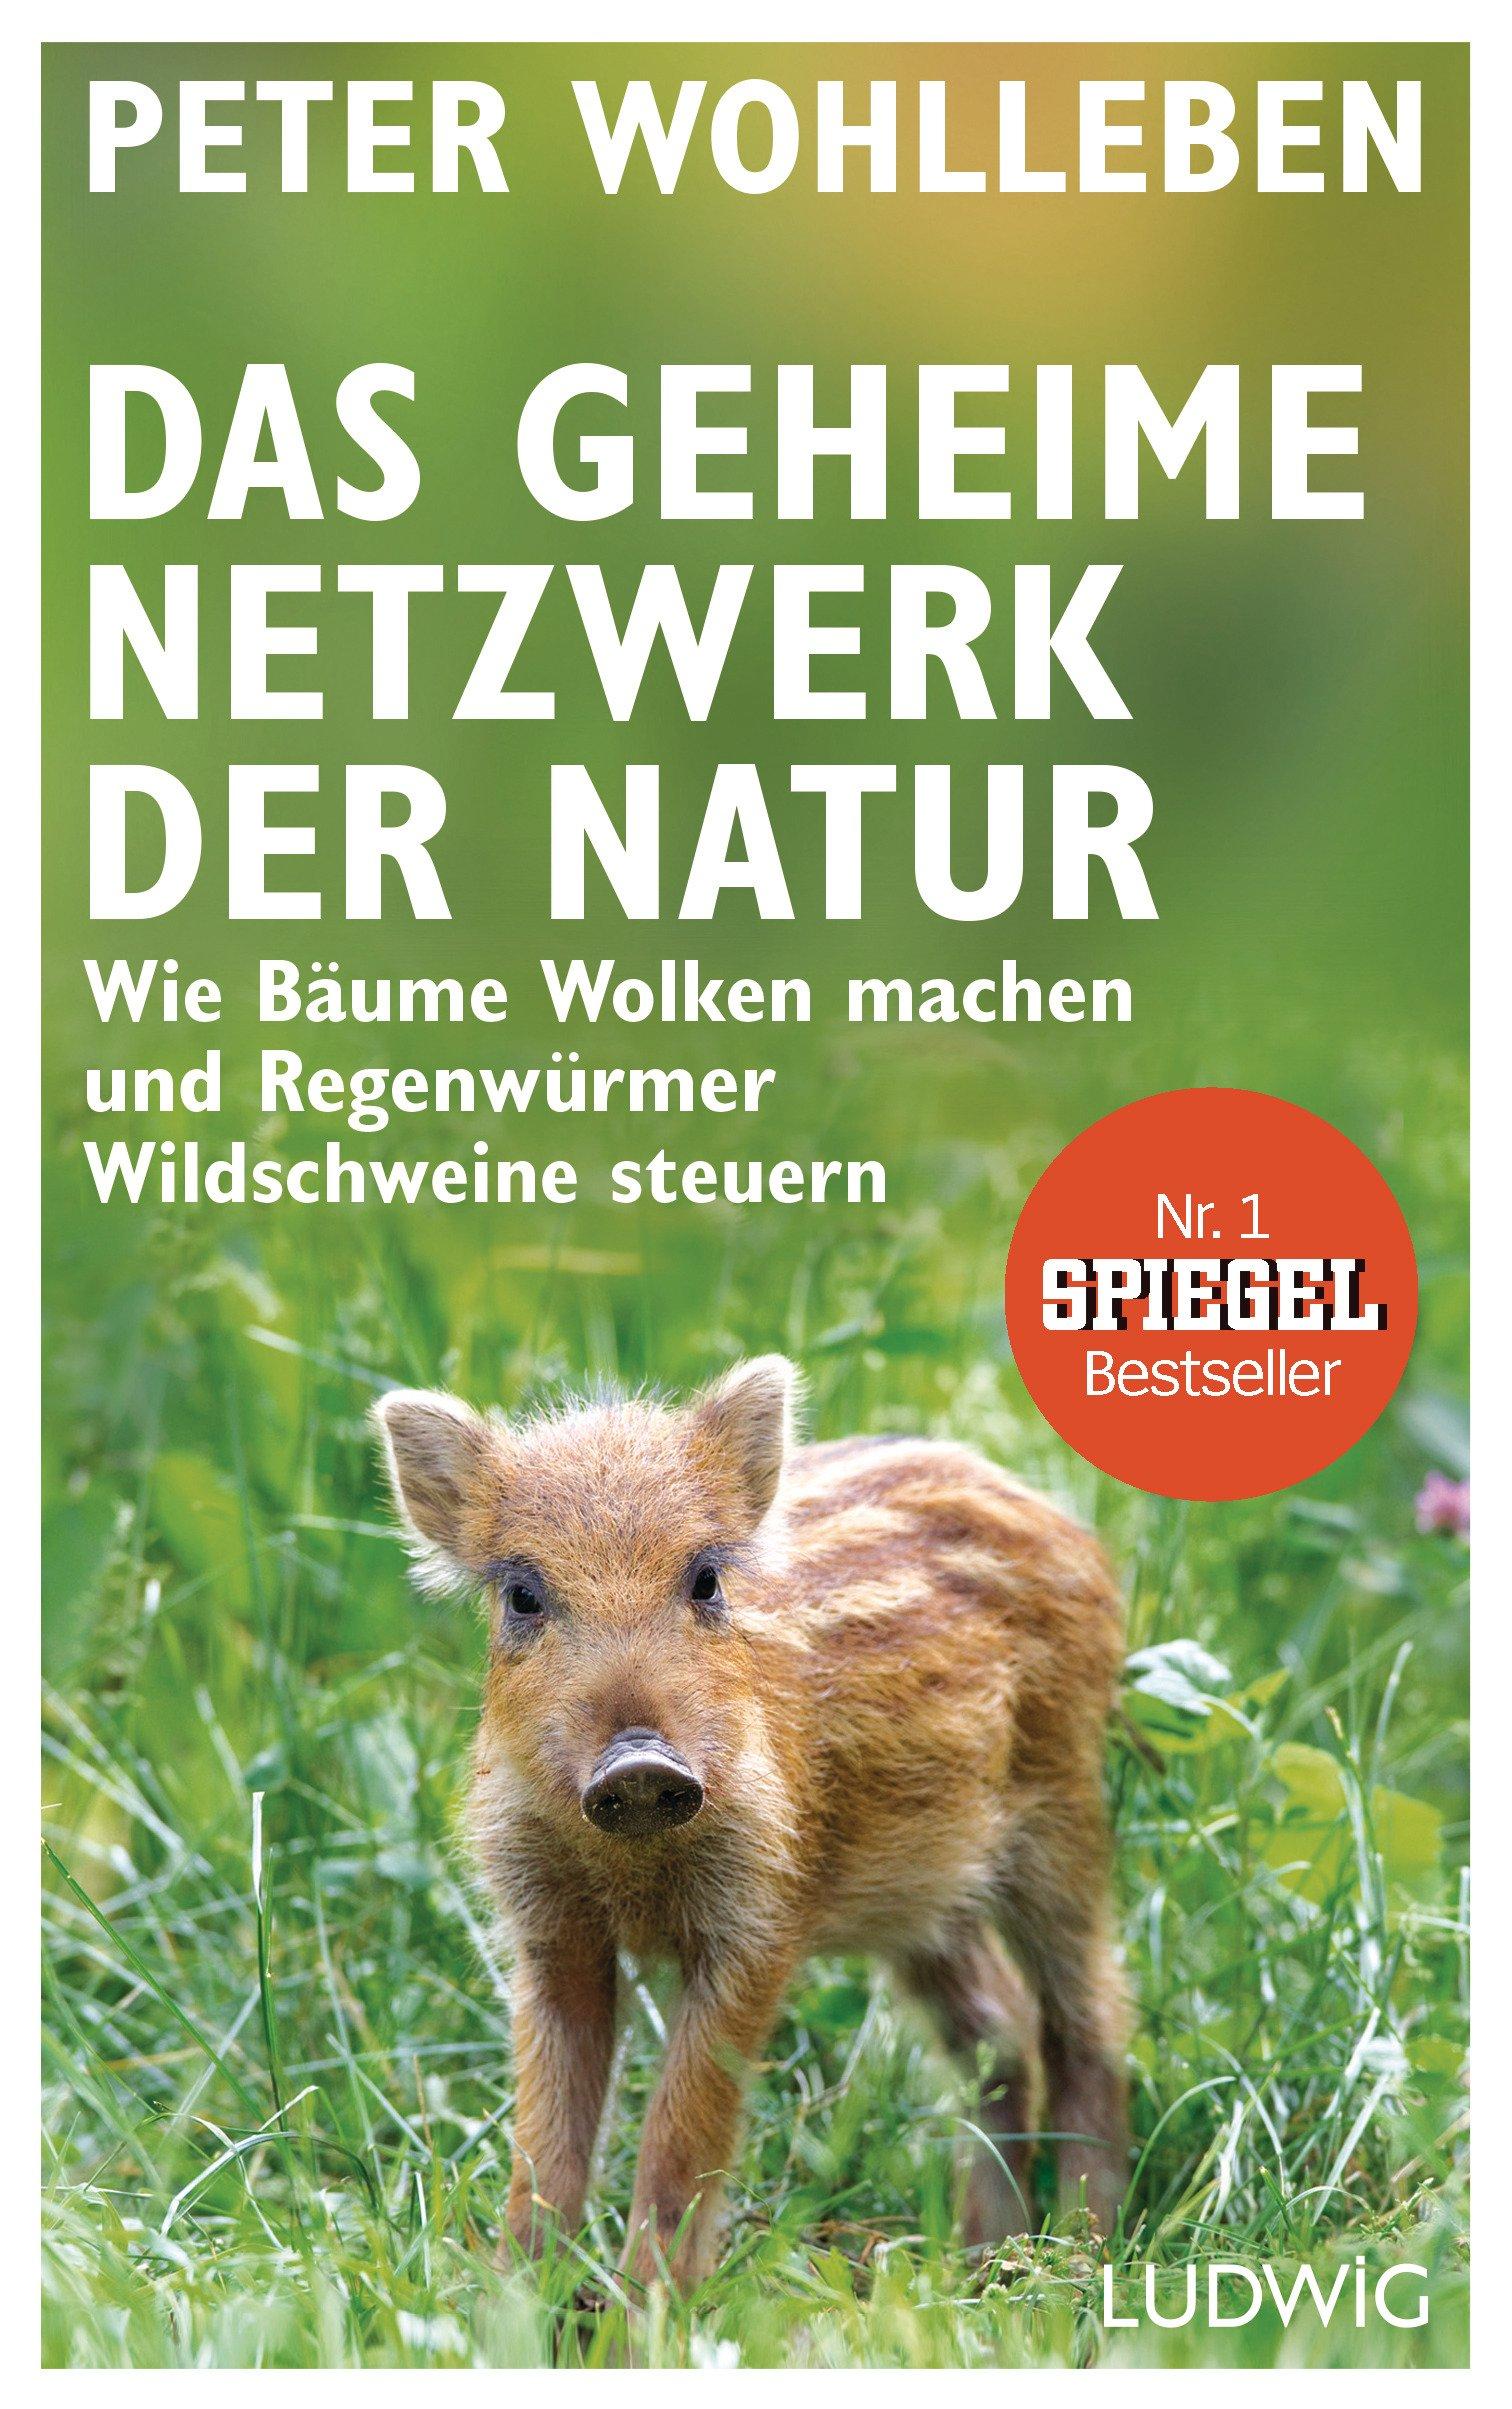 [Werbung] Das geheimne Netzwerk der Natur – Peter Wohlleben